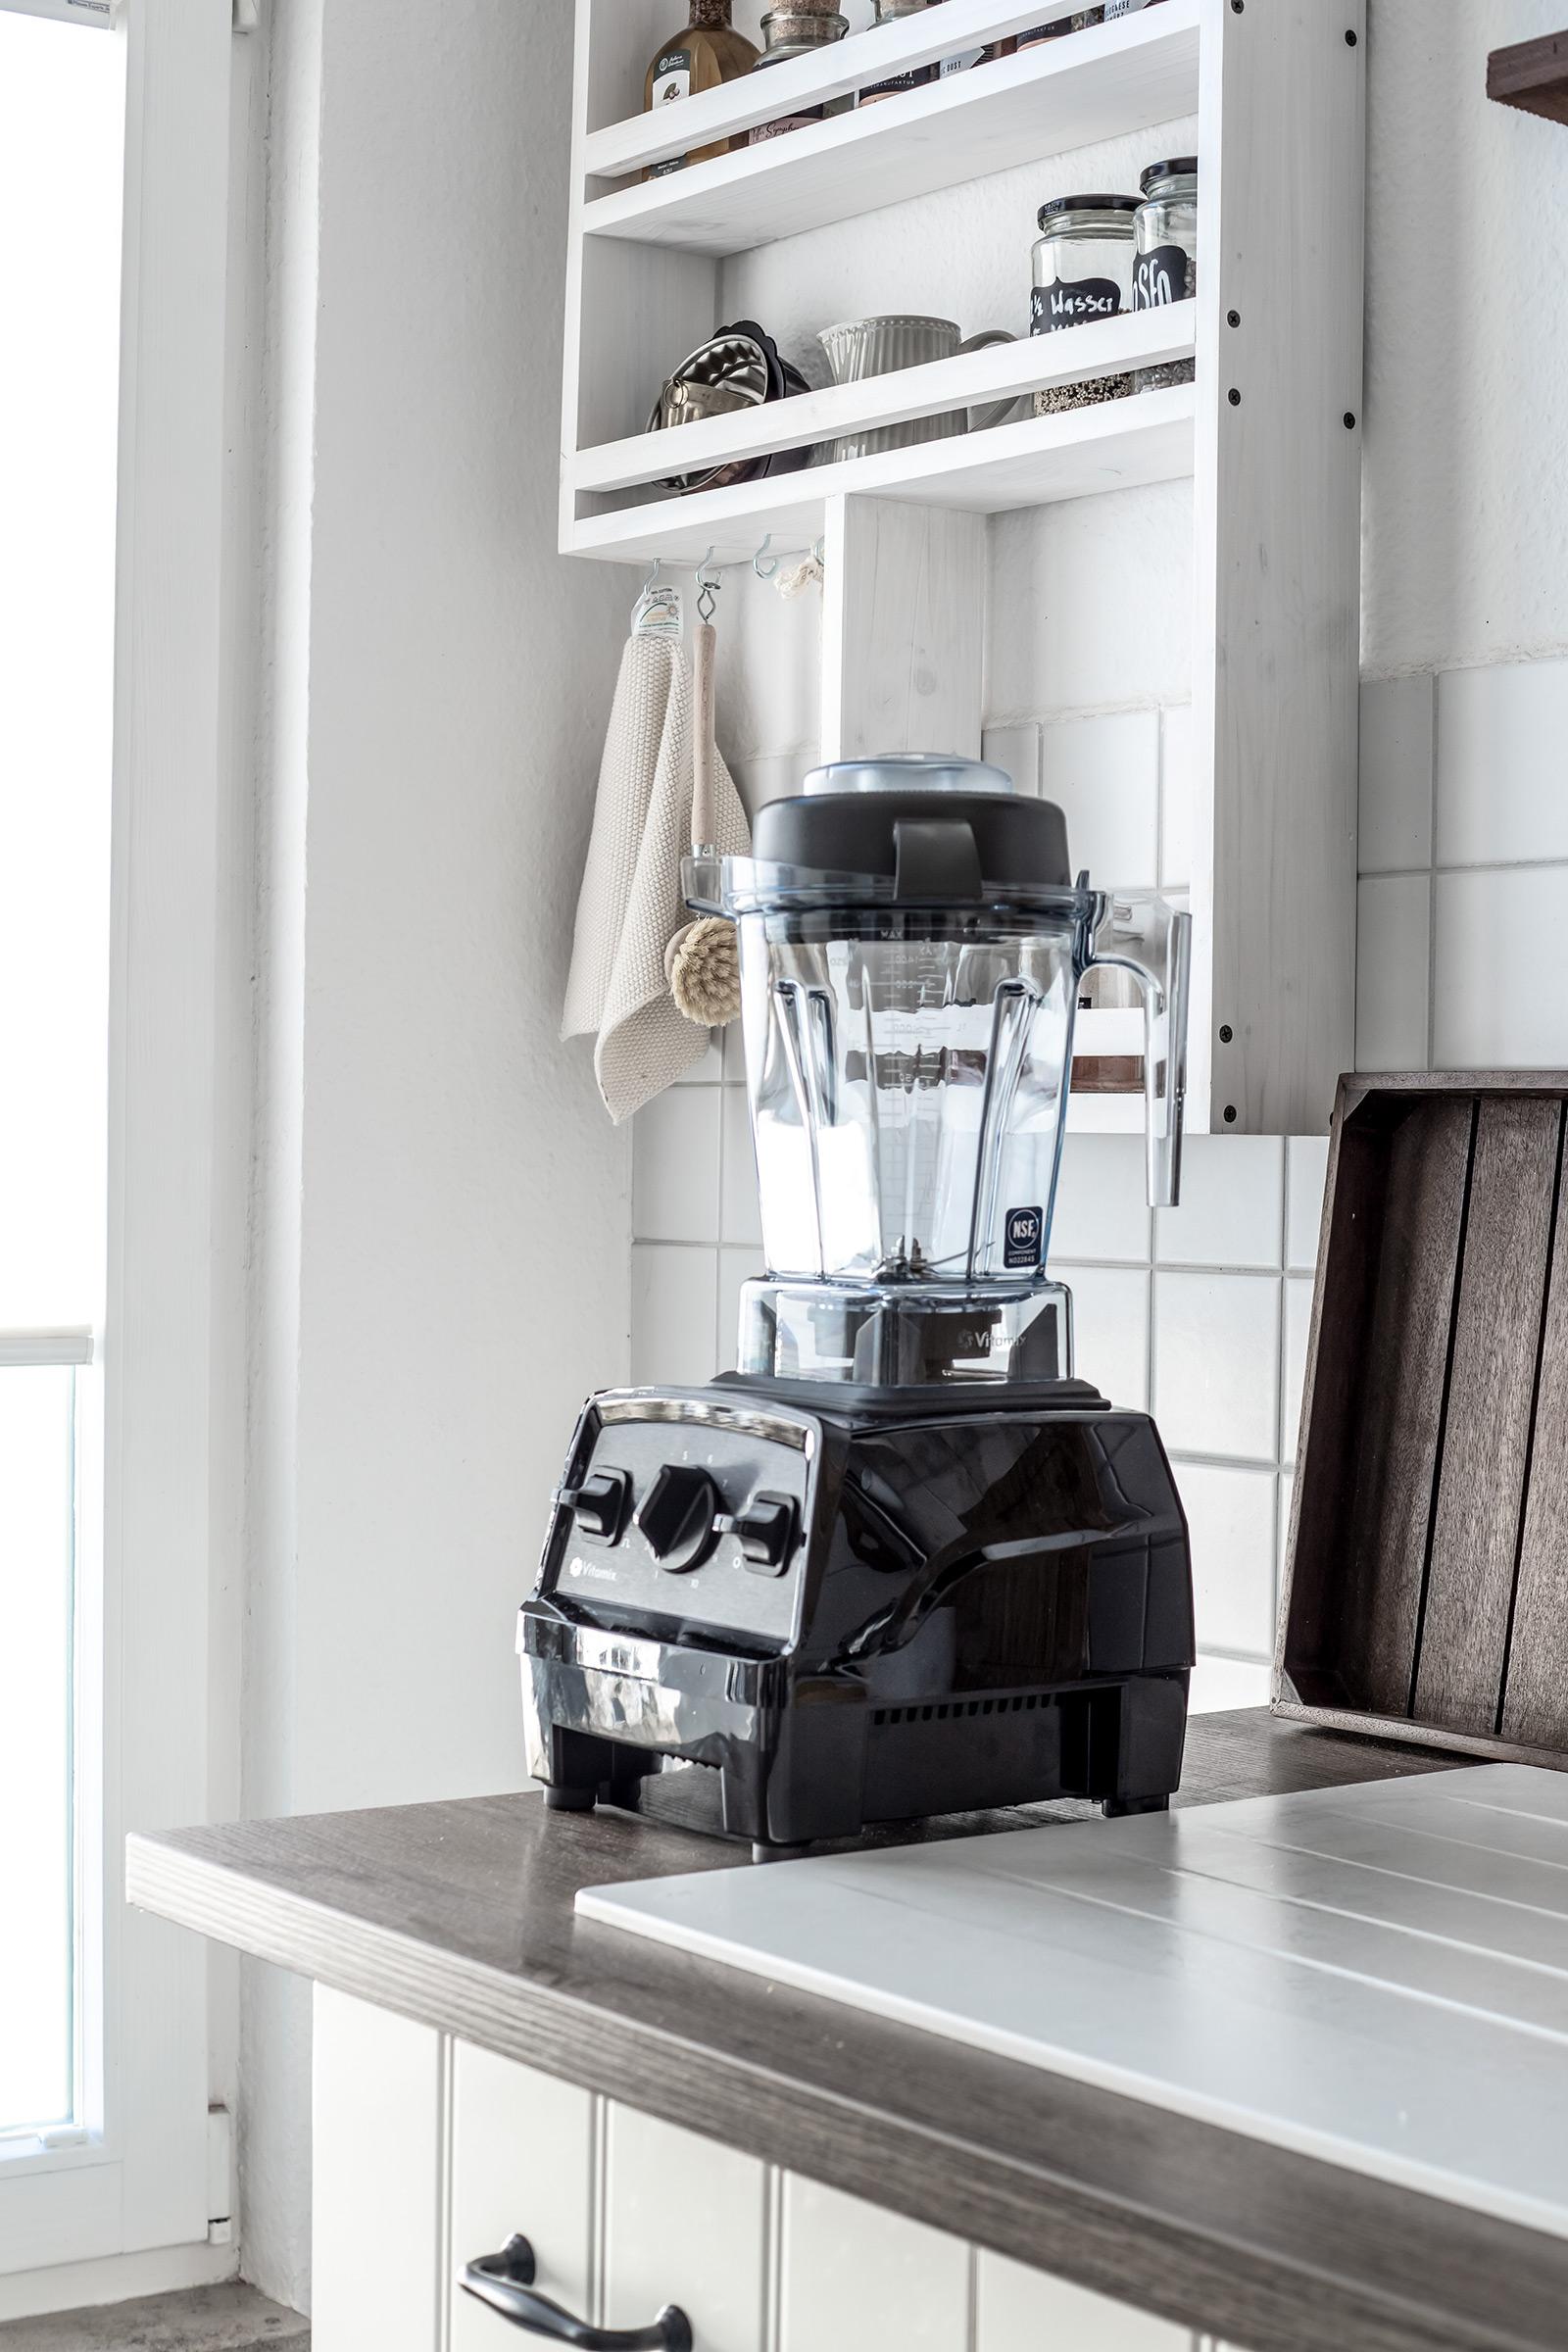 Hochleistungsmixer in der Küche